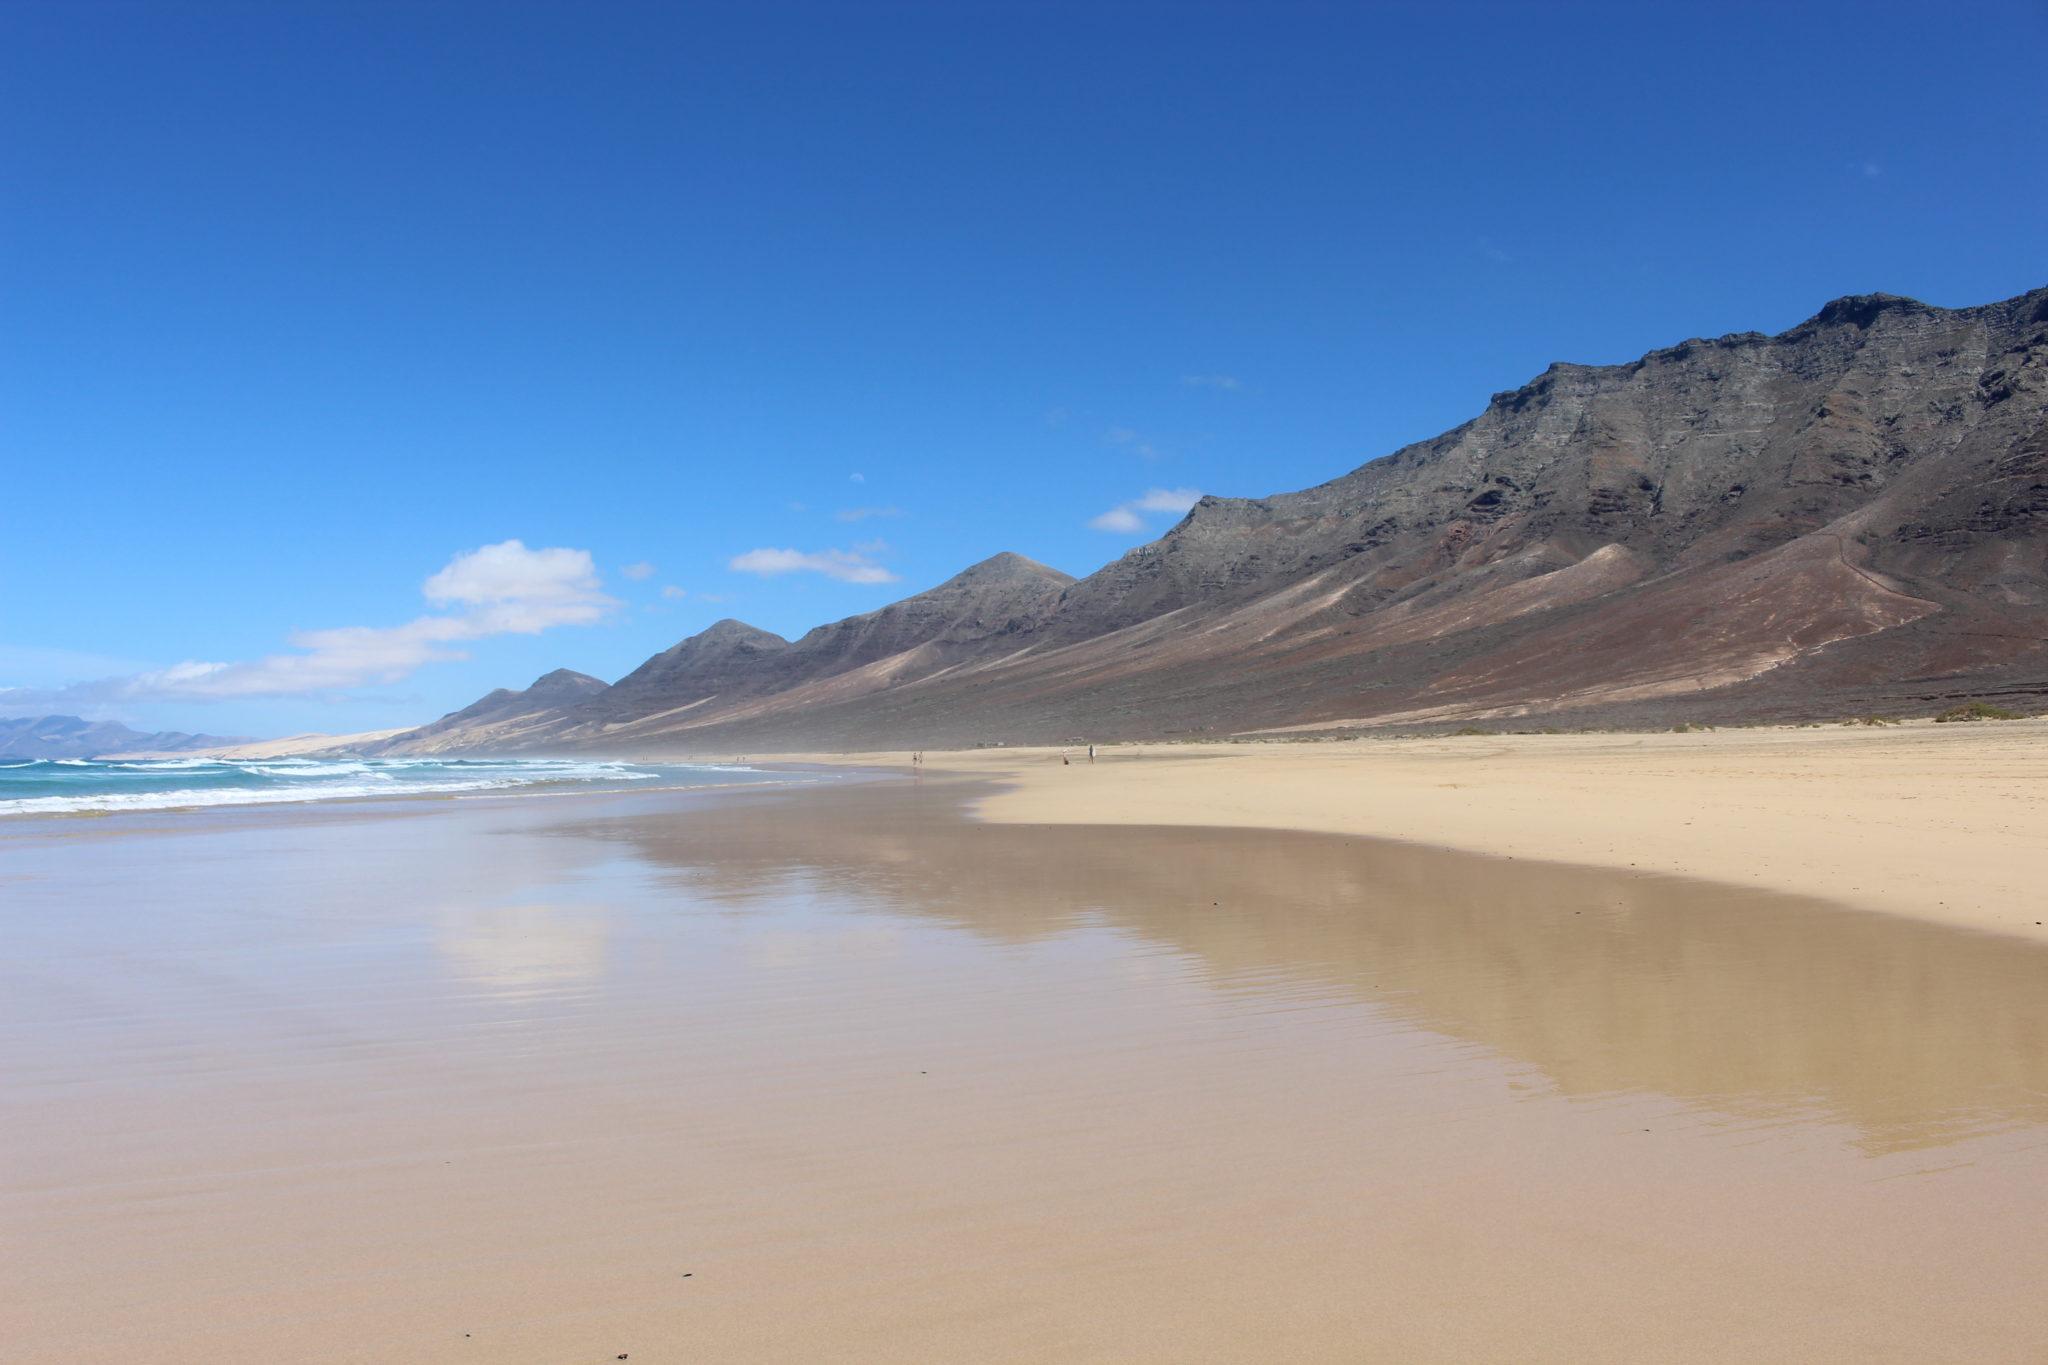 W rozlewającej się po piasku fali pięknie odbijają się otaczające plażę wzgórza.